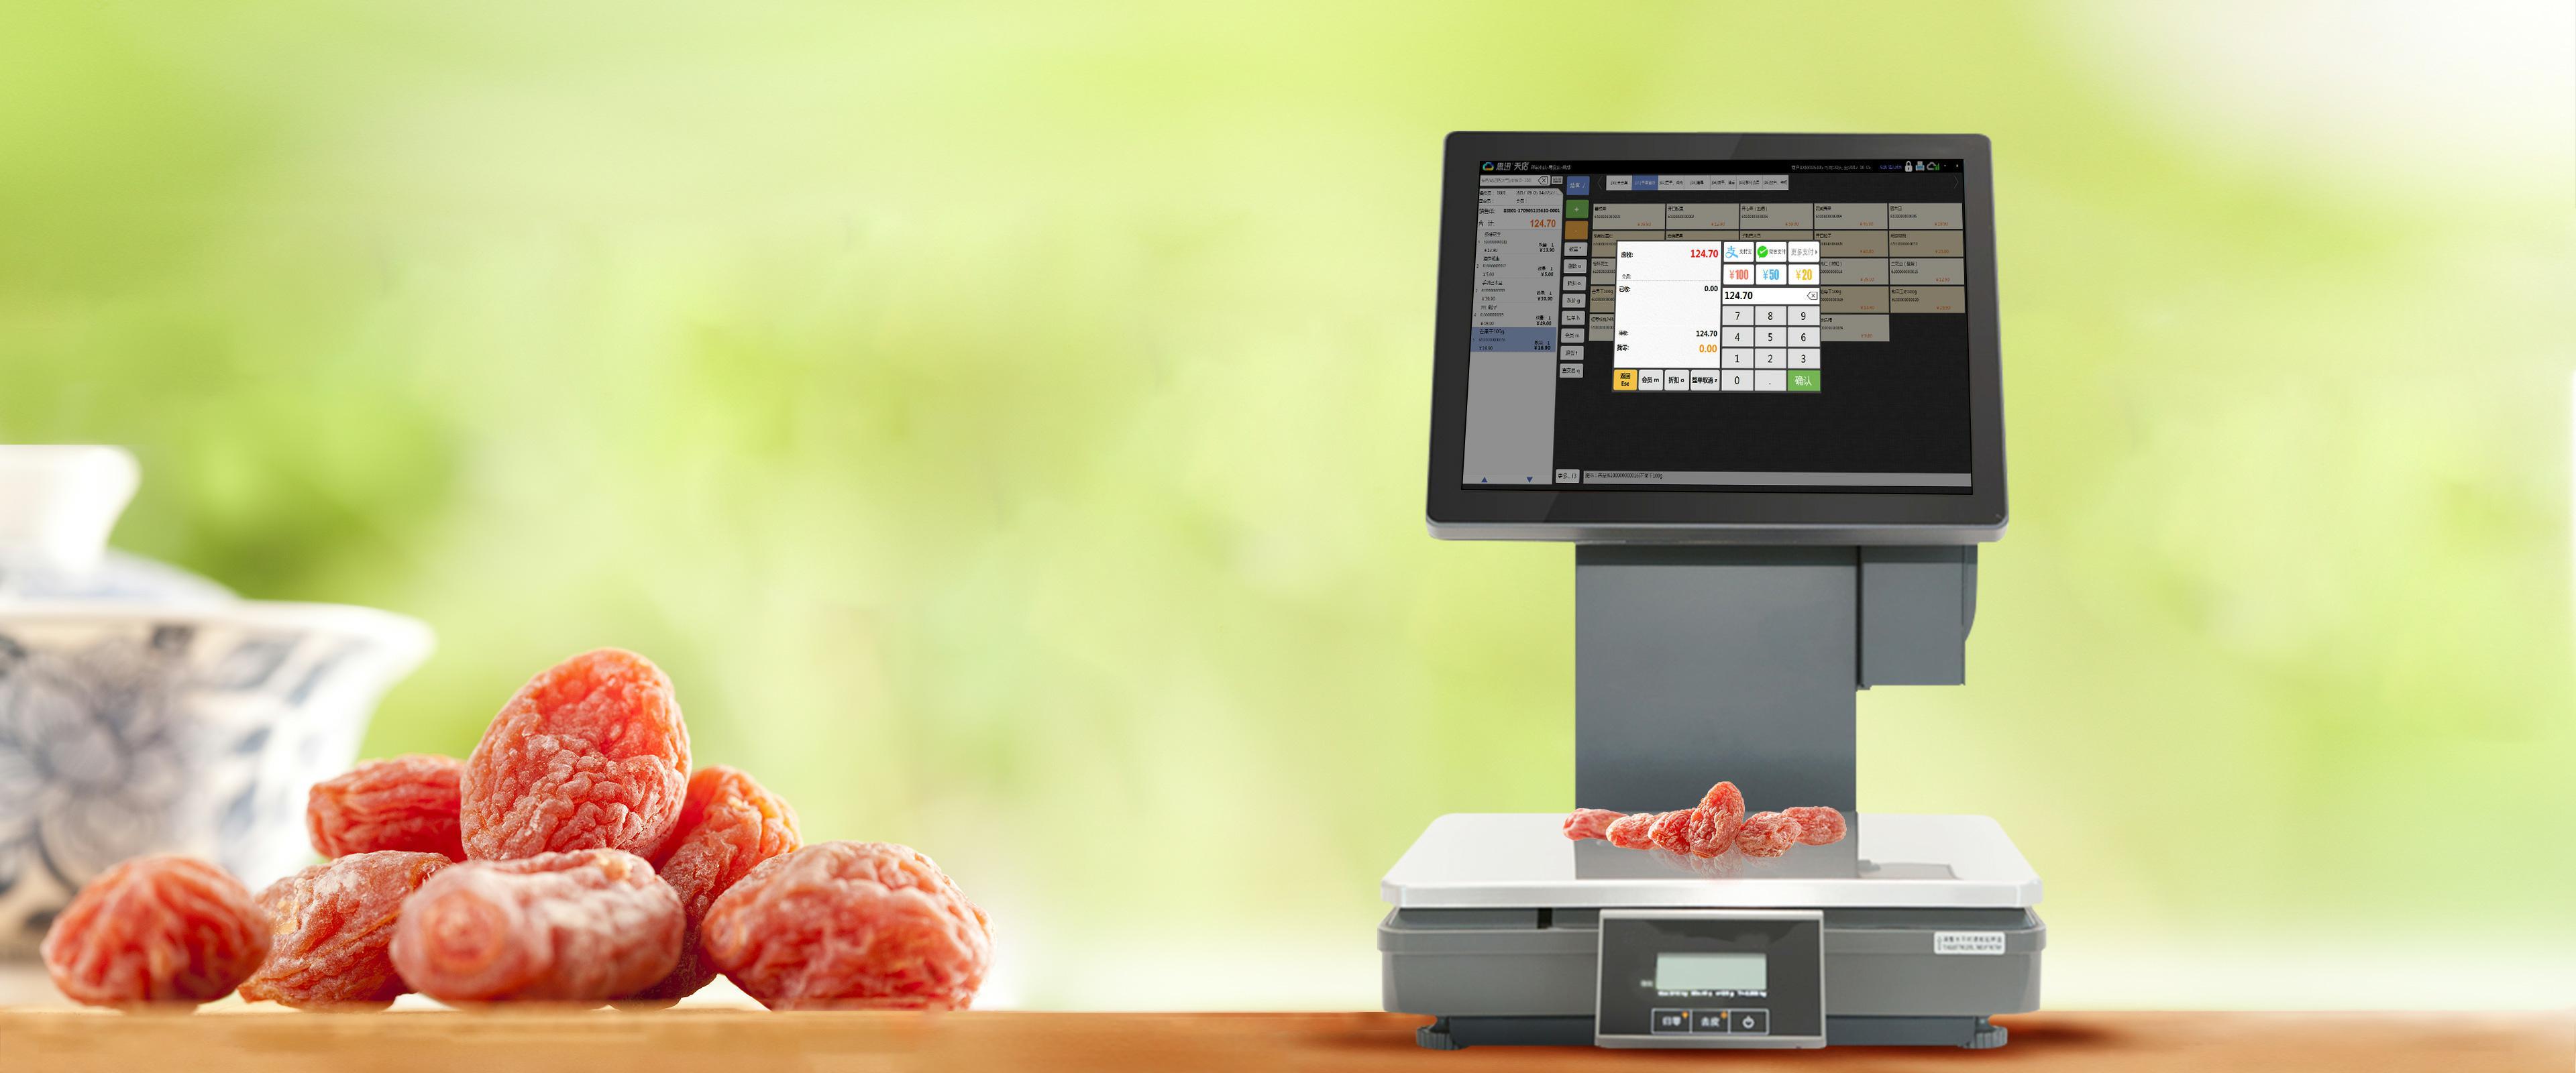 水果店上线专业的收银系统,让收款变得更简单潮流